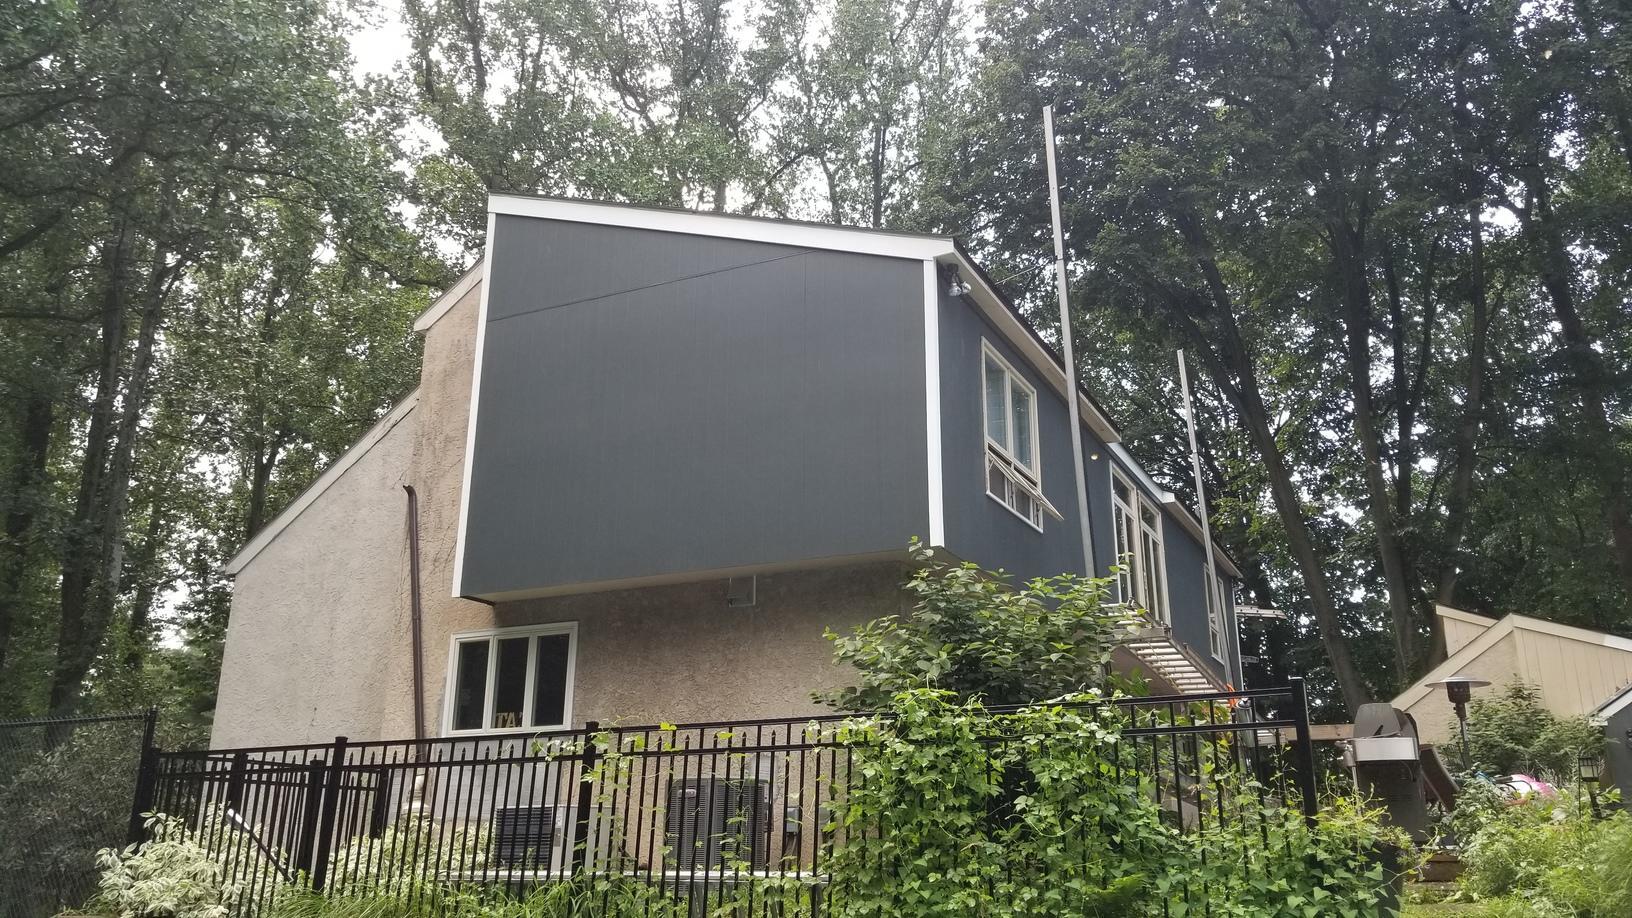 Hardie Vertical Siding Install in Bryn Mawr, PA